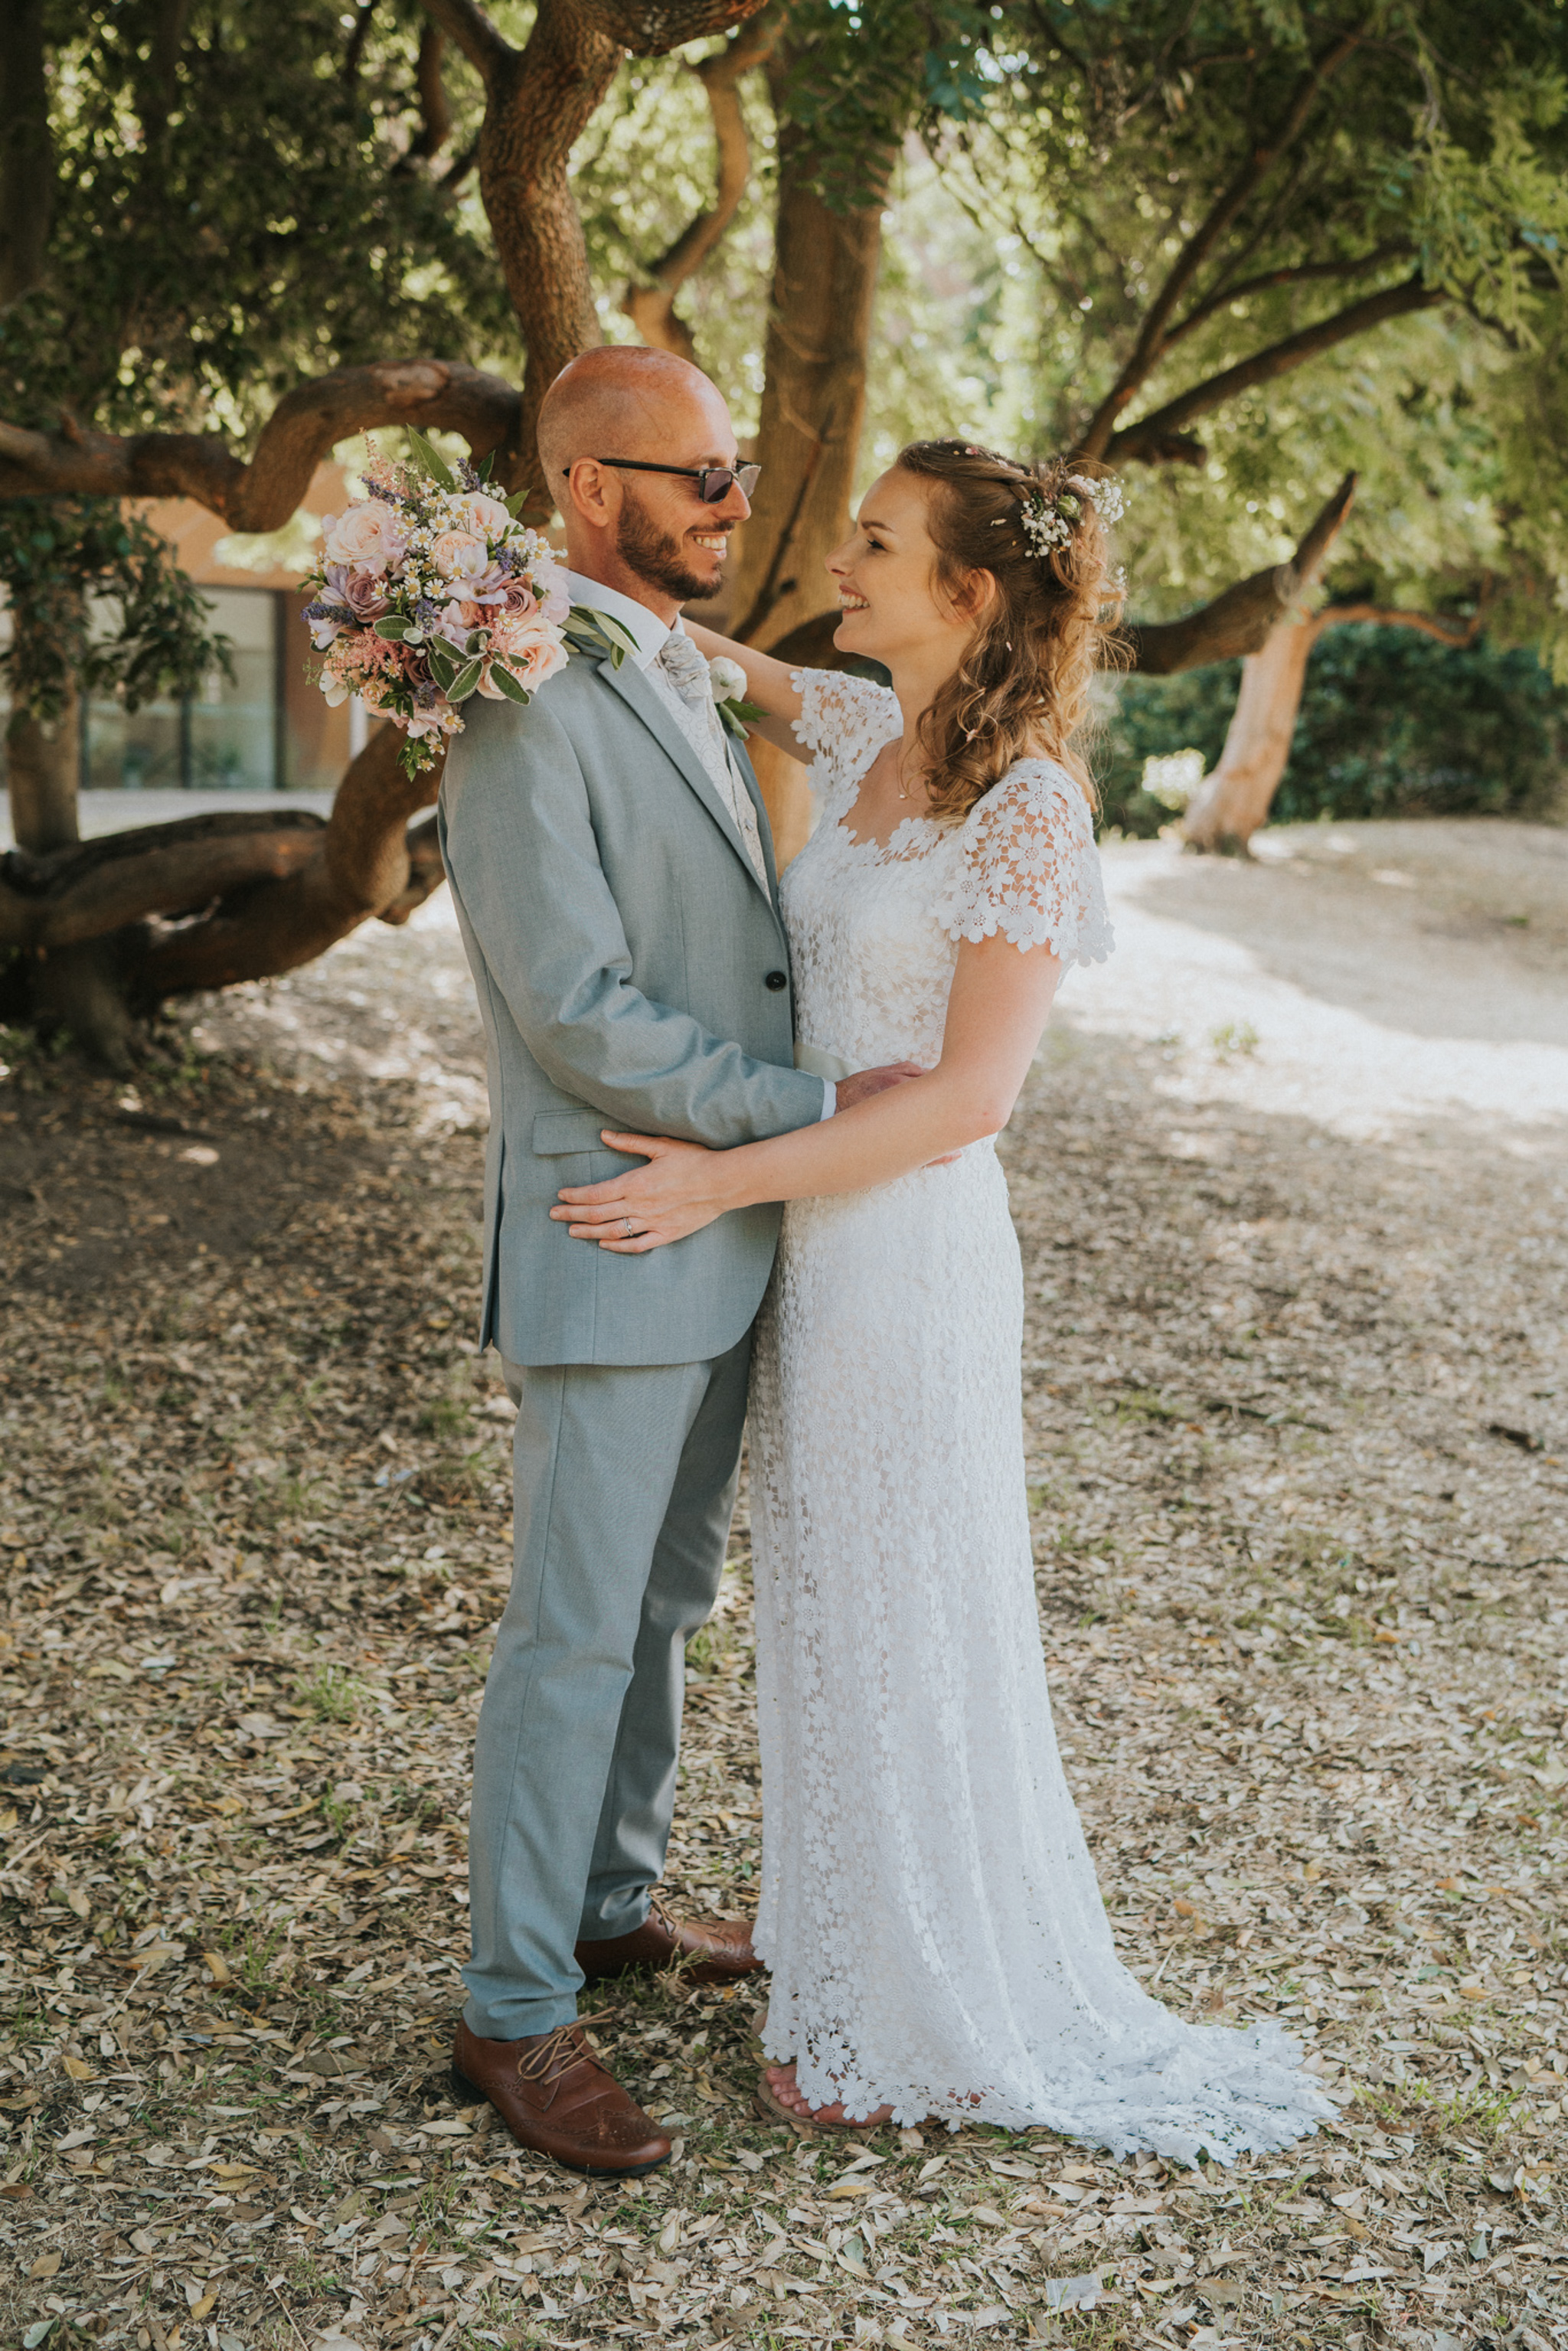 grace-elizabeth-essex-wedding-photographer-best-2018-highlights-norfolk-essex-devon-suffolk (42 of 100).jpg